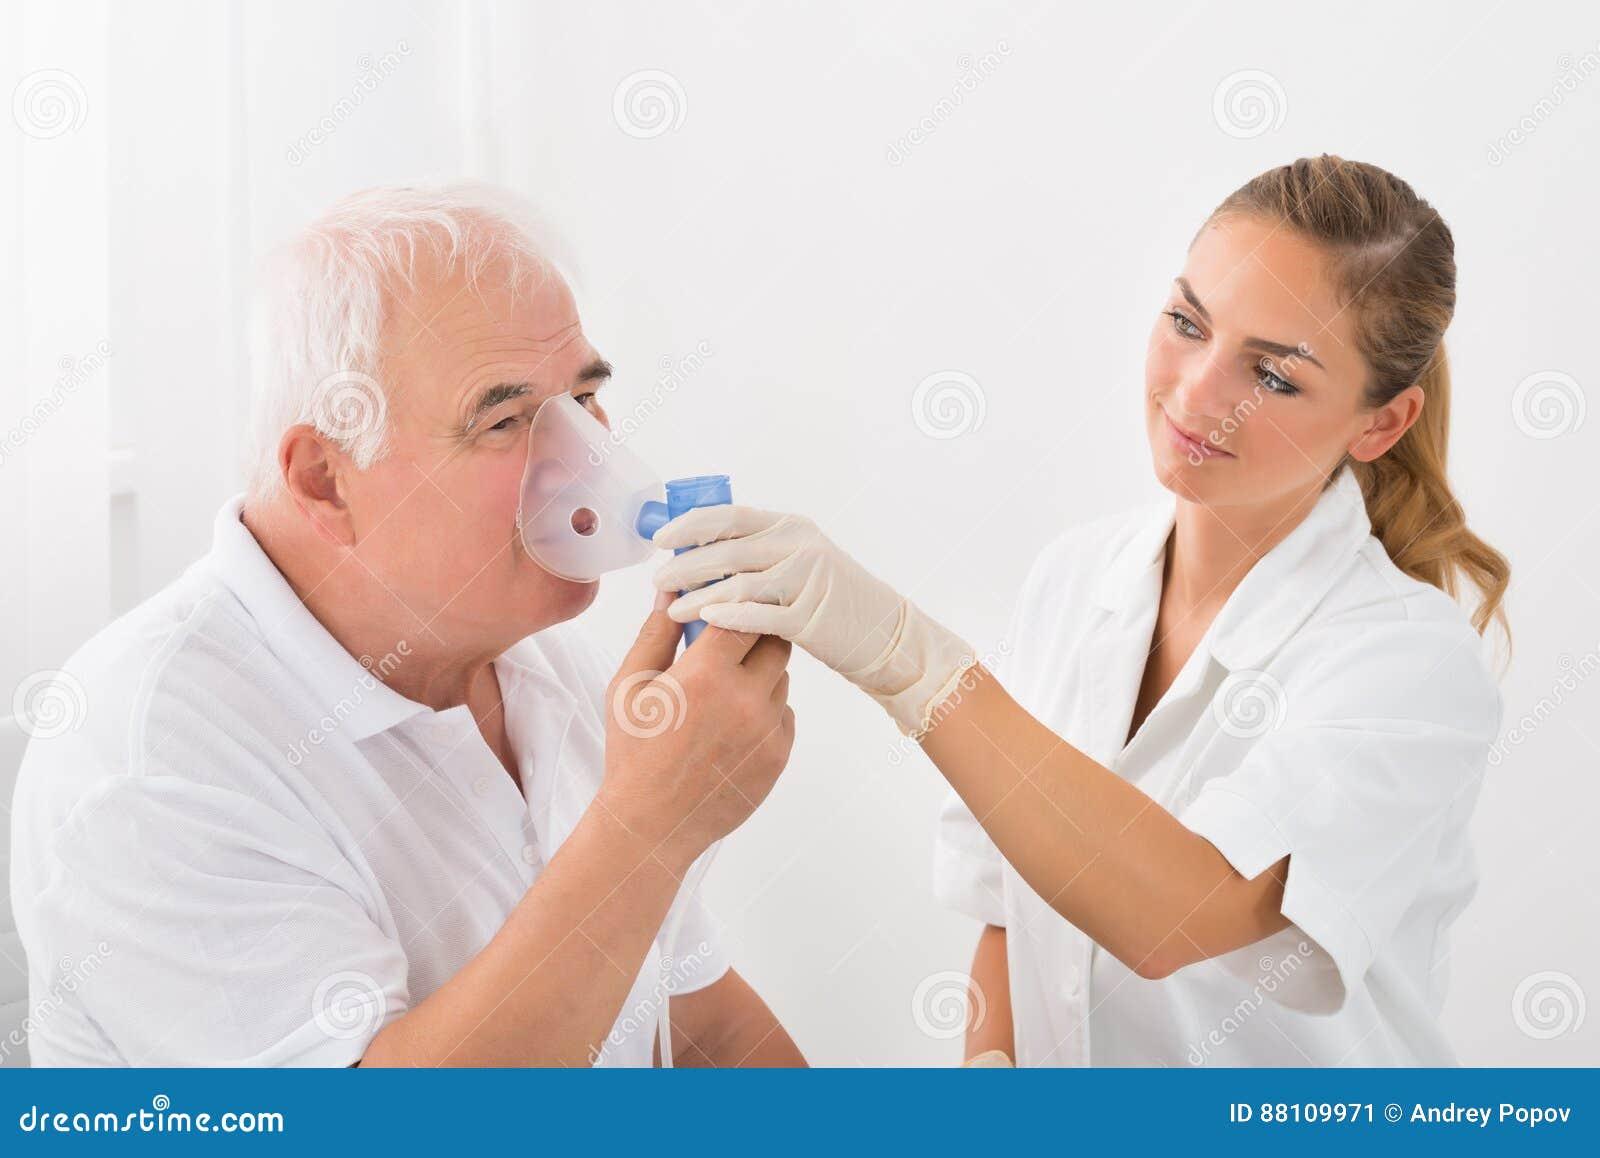 吸入通过氧气面罩的患者